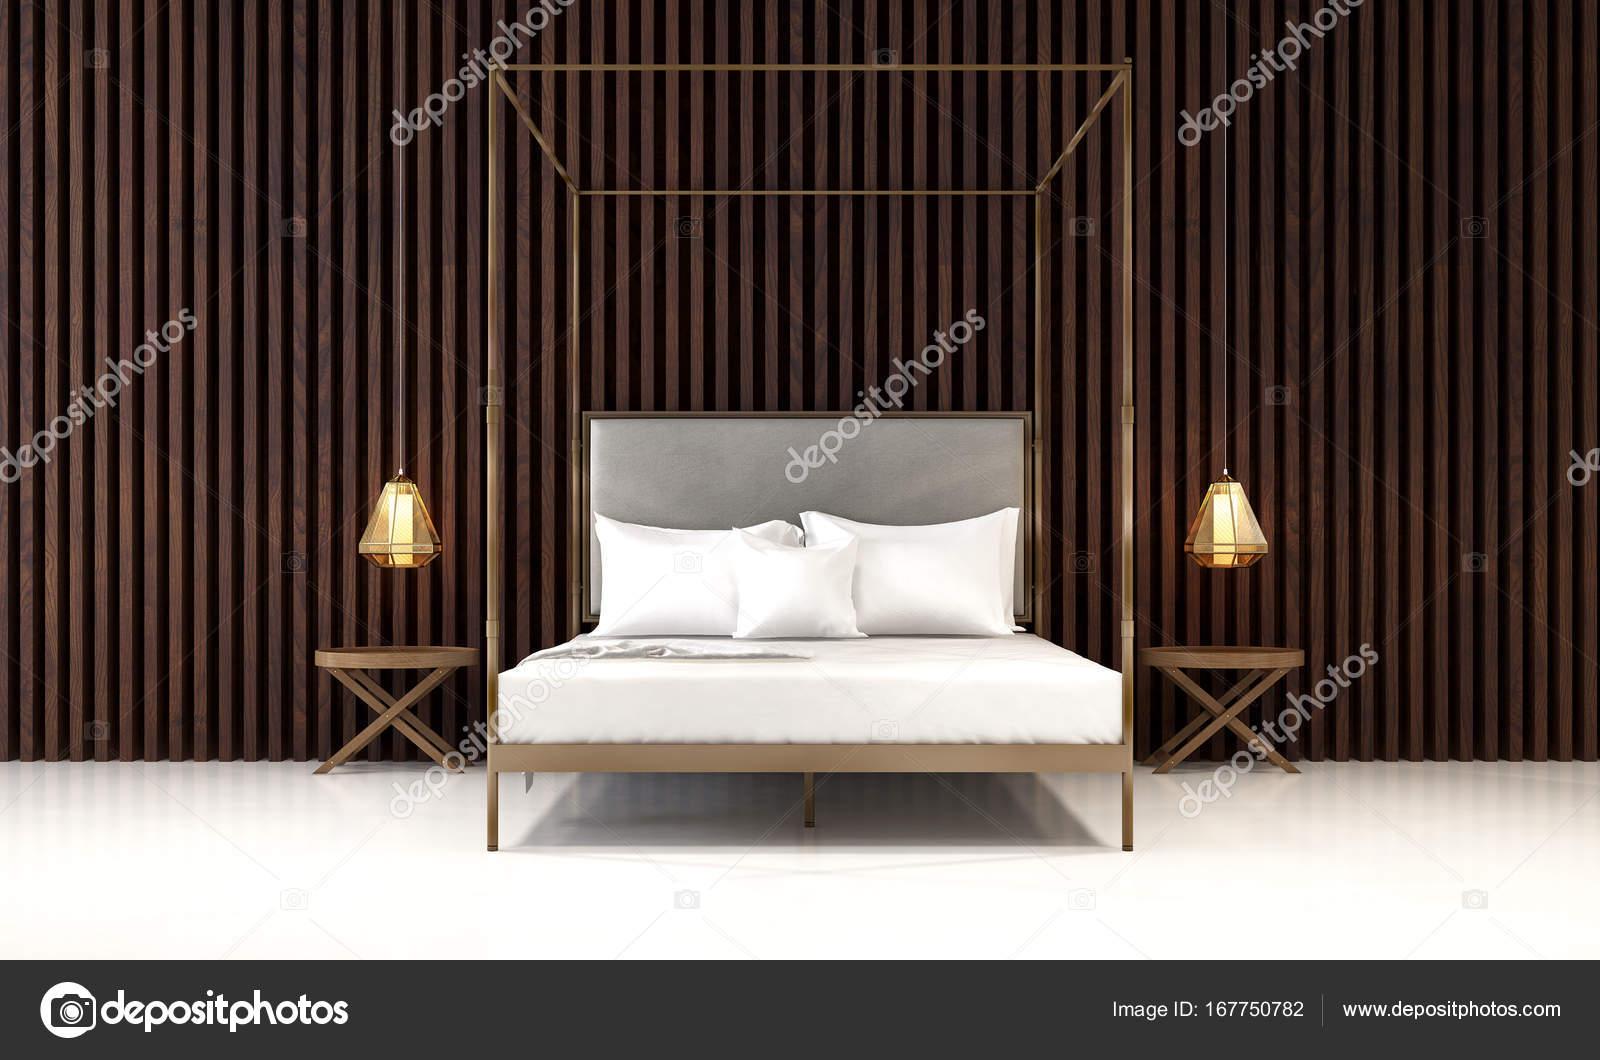 Ladrillo Loft el diseño interior de la textura de la pared salón y ladrillo